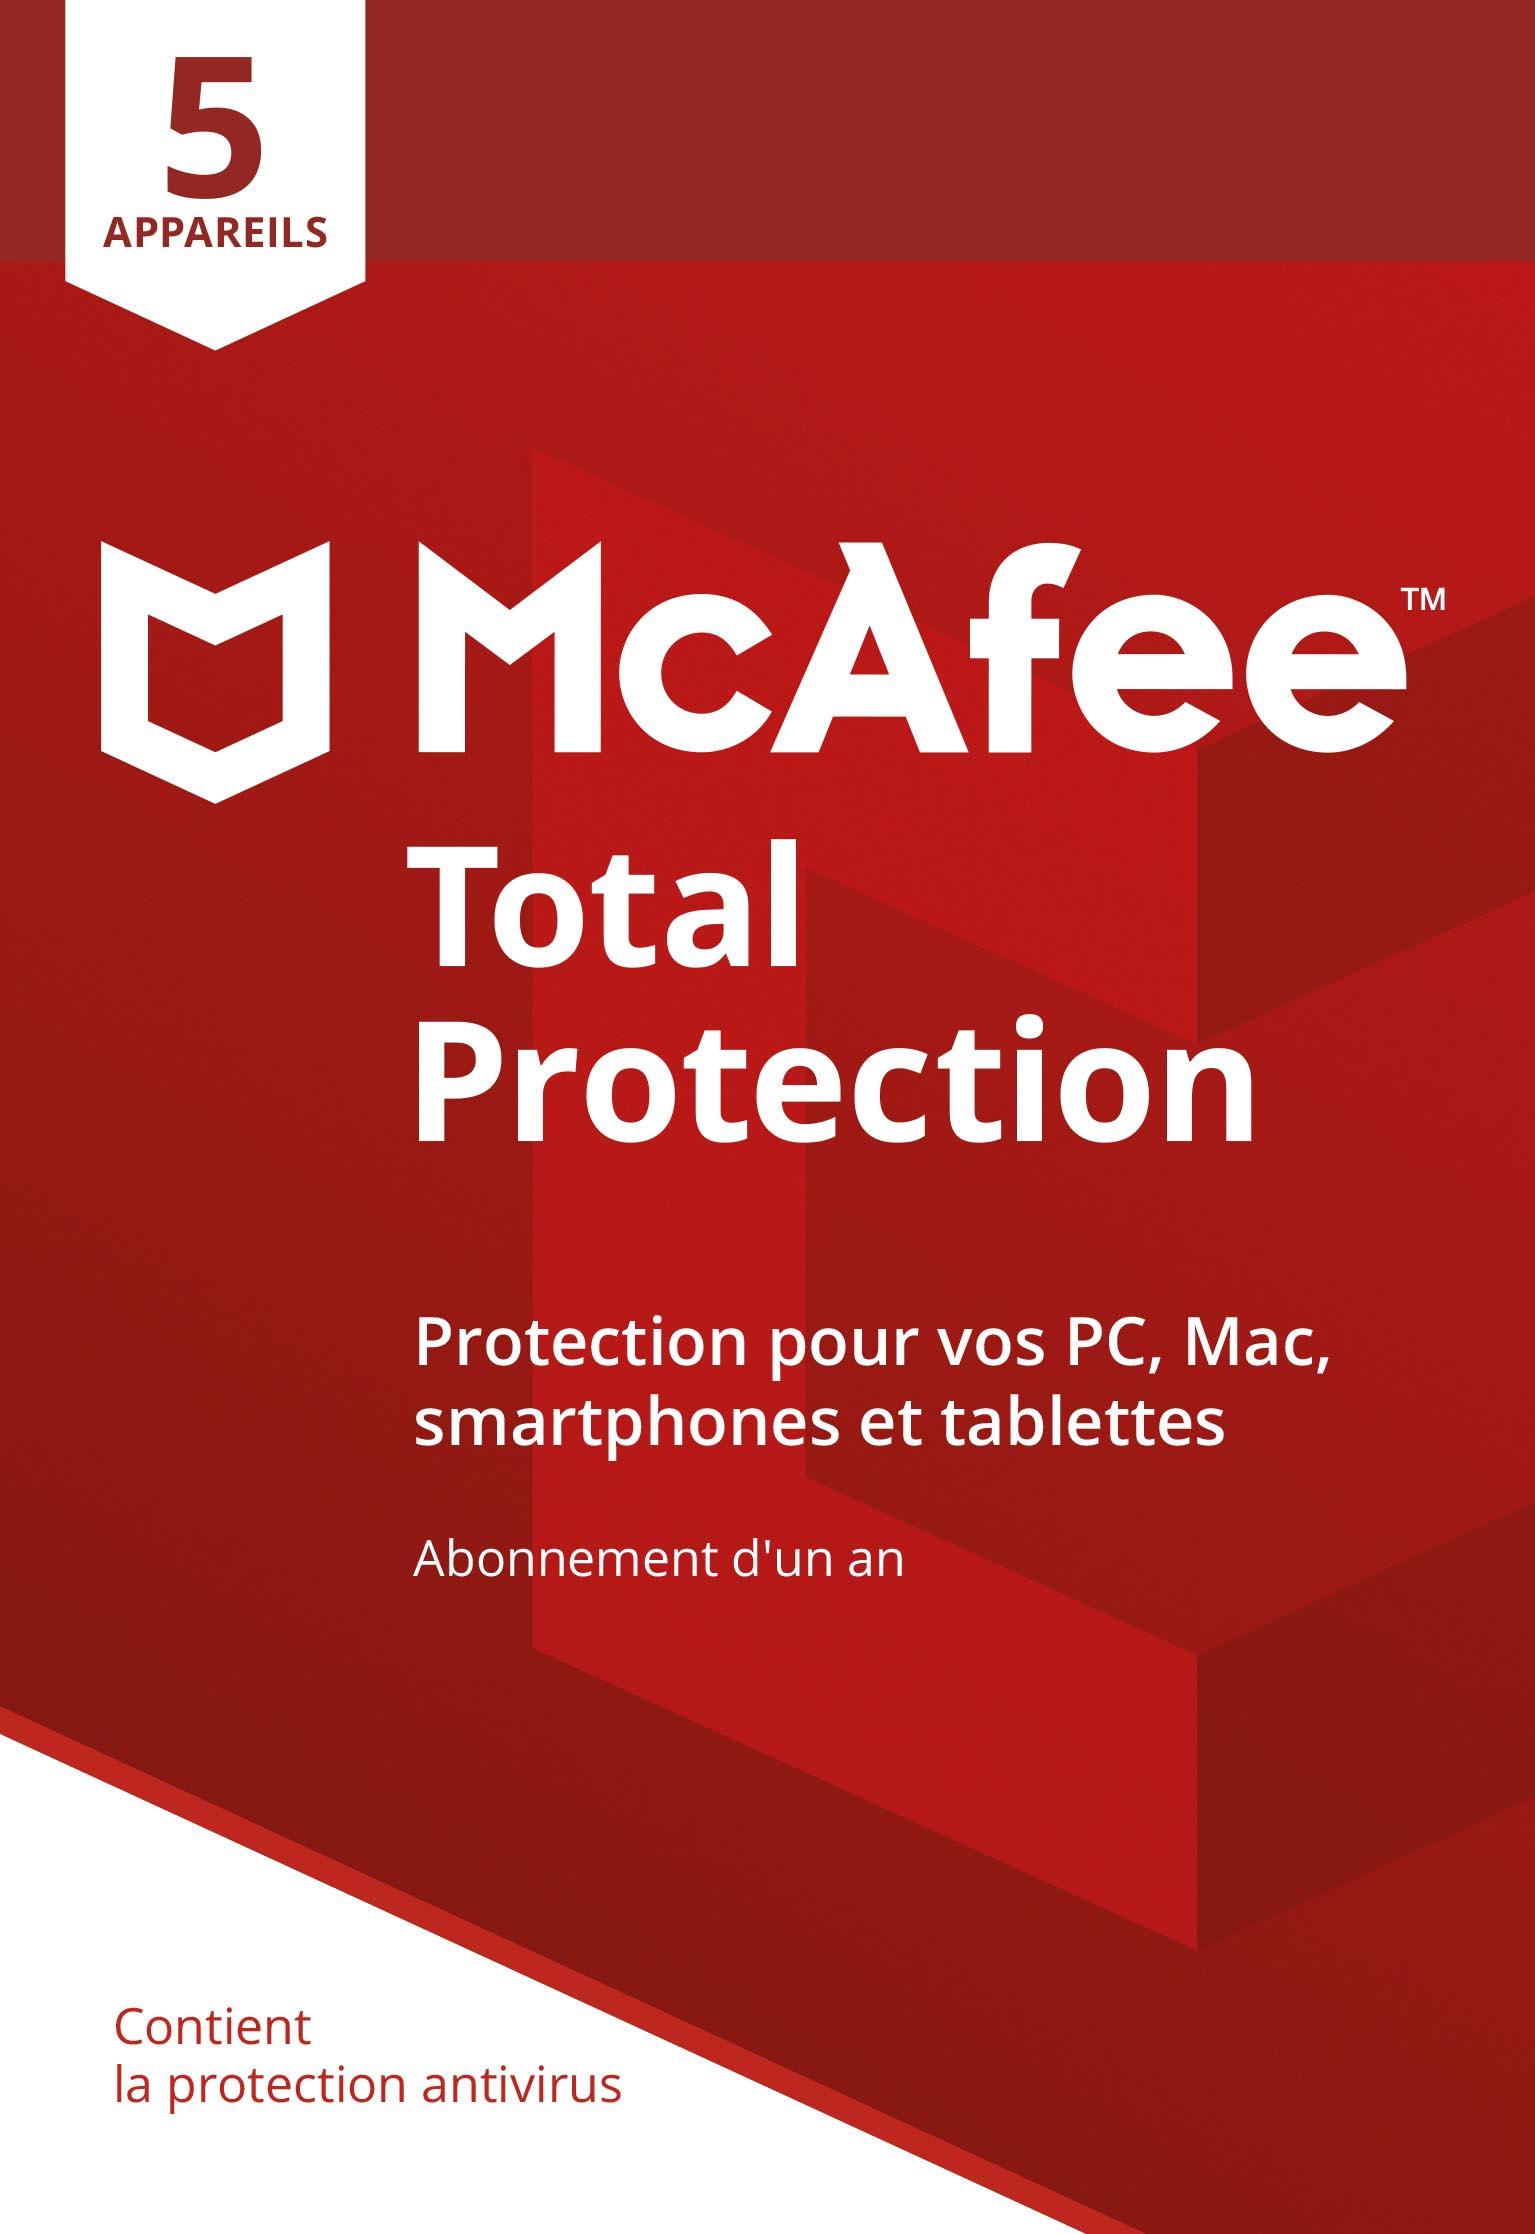 Logiciel McAfee Total Protection 2018 pour 5 Appareils (Téléchargement)